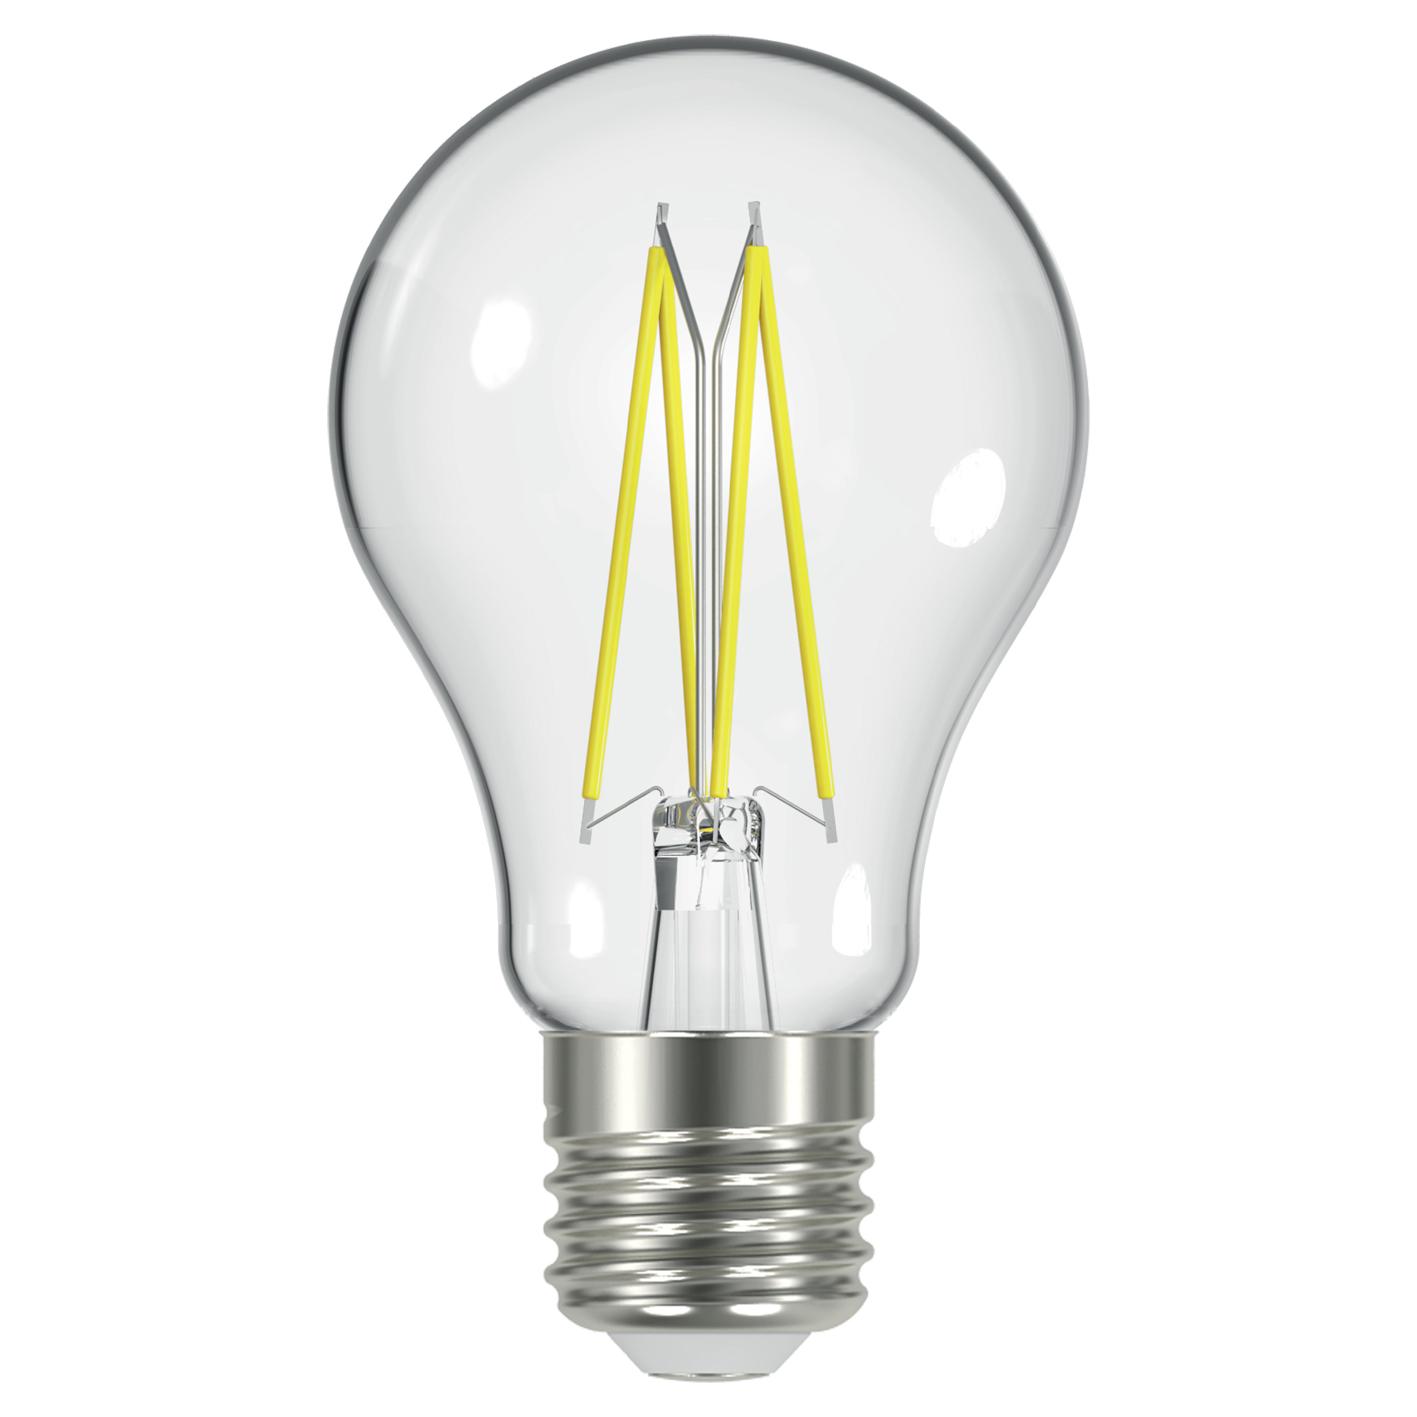 6 x Retro Gloeilampen 6.2W E27 LED